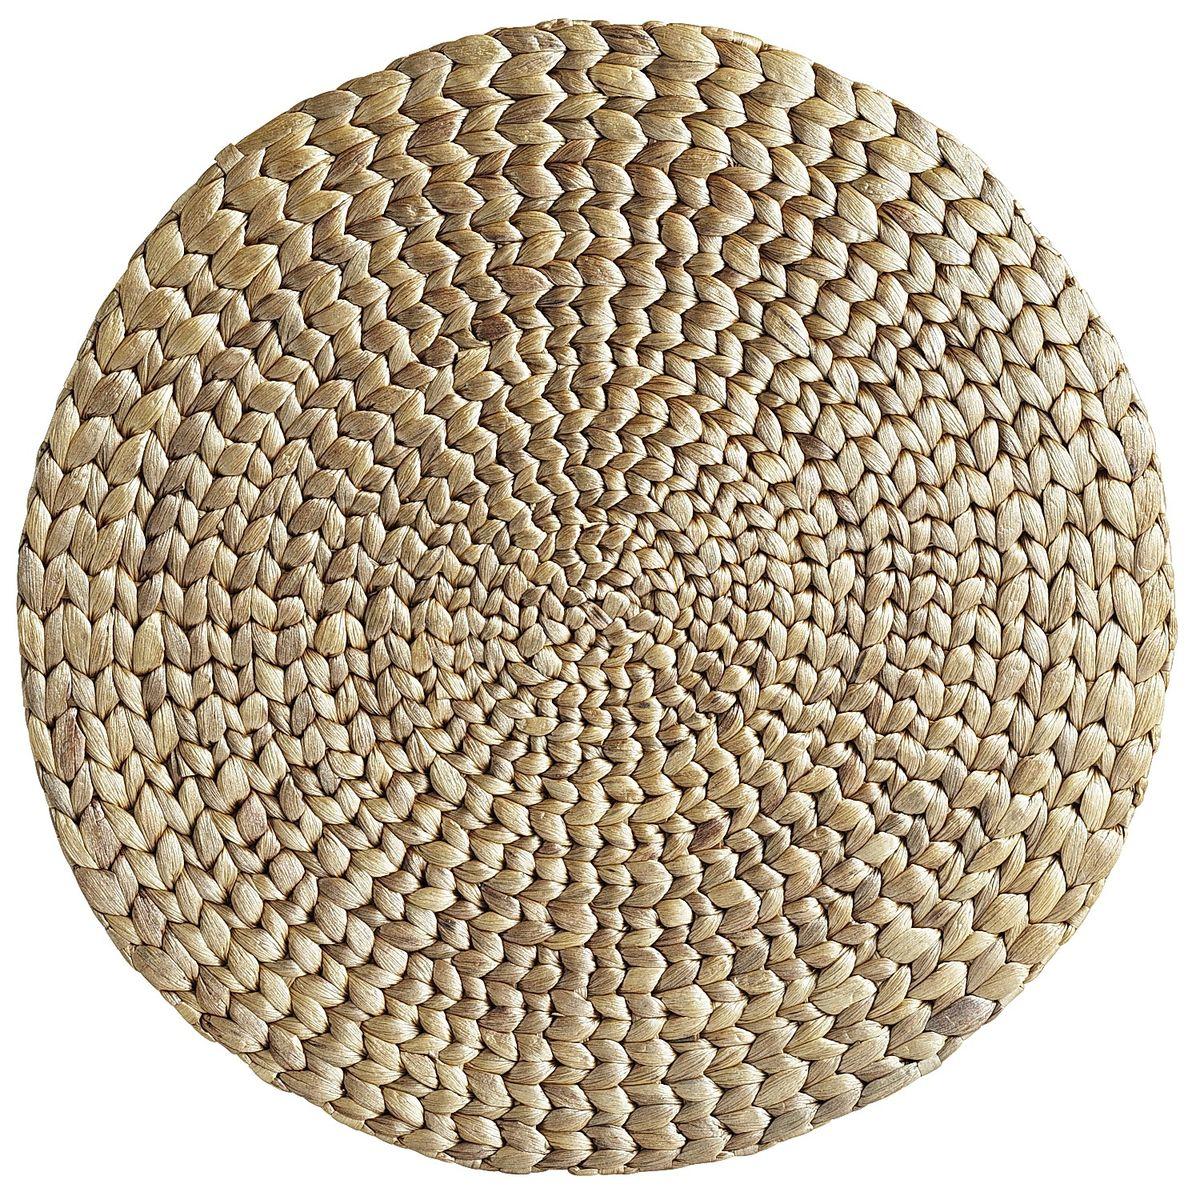 Whitewash Water Hyacinth Round Placemat